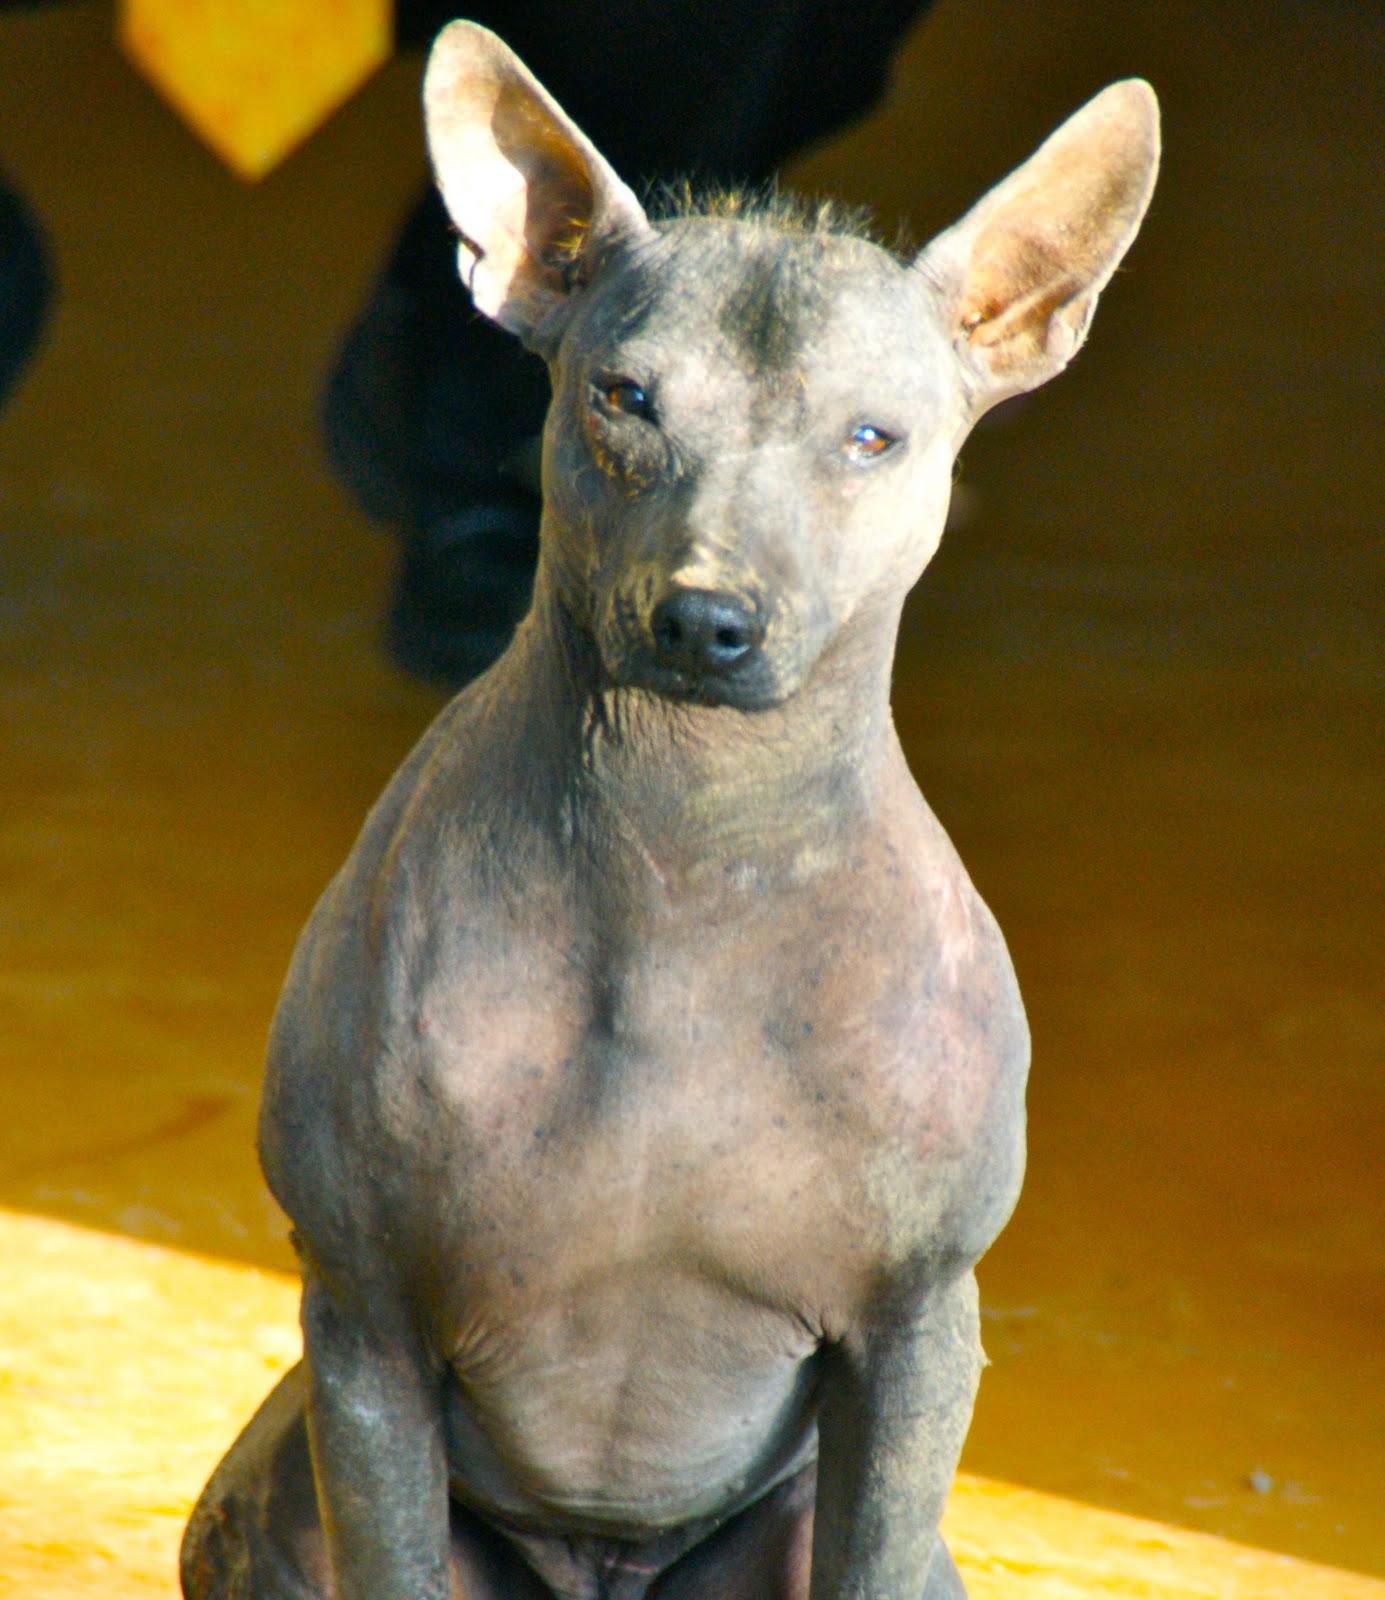 The Turks Peruvian Hairless Dog